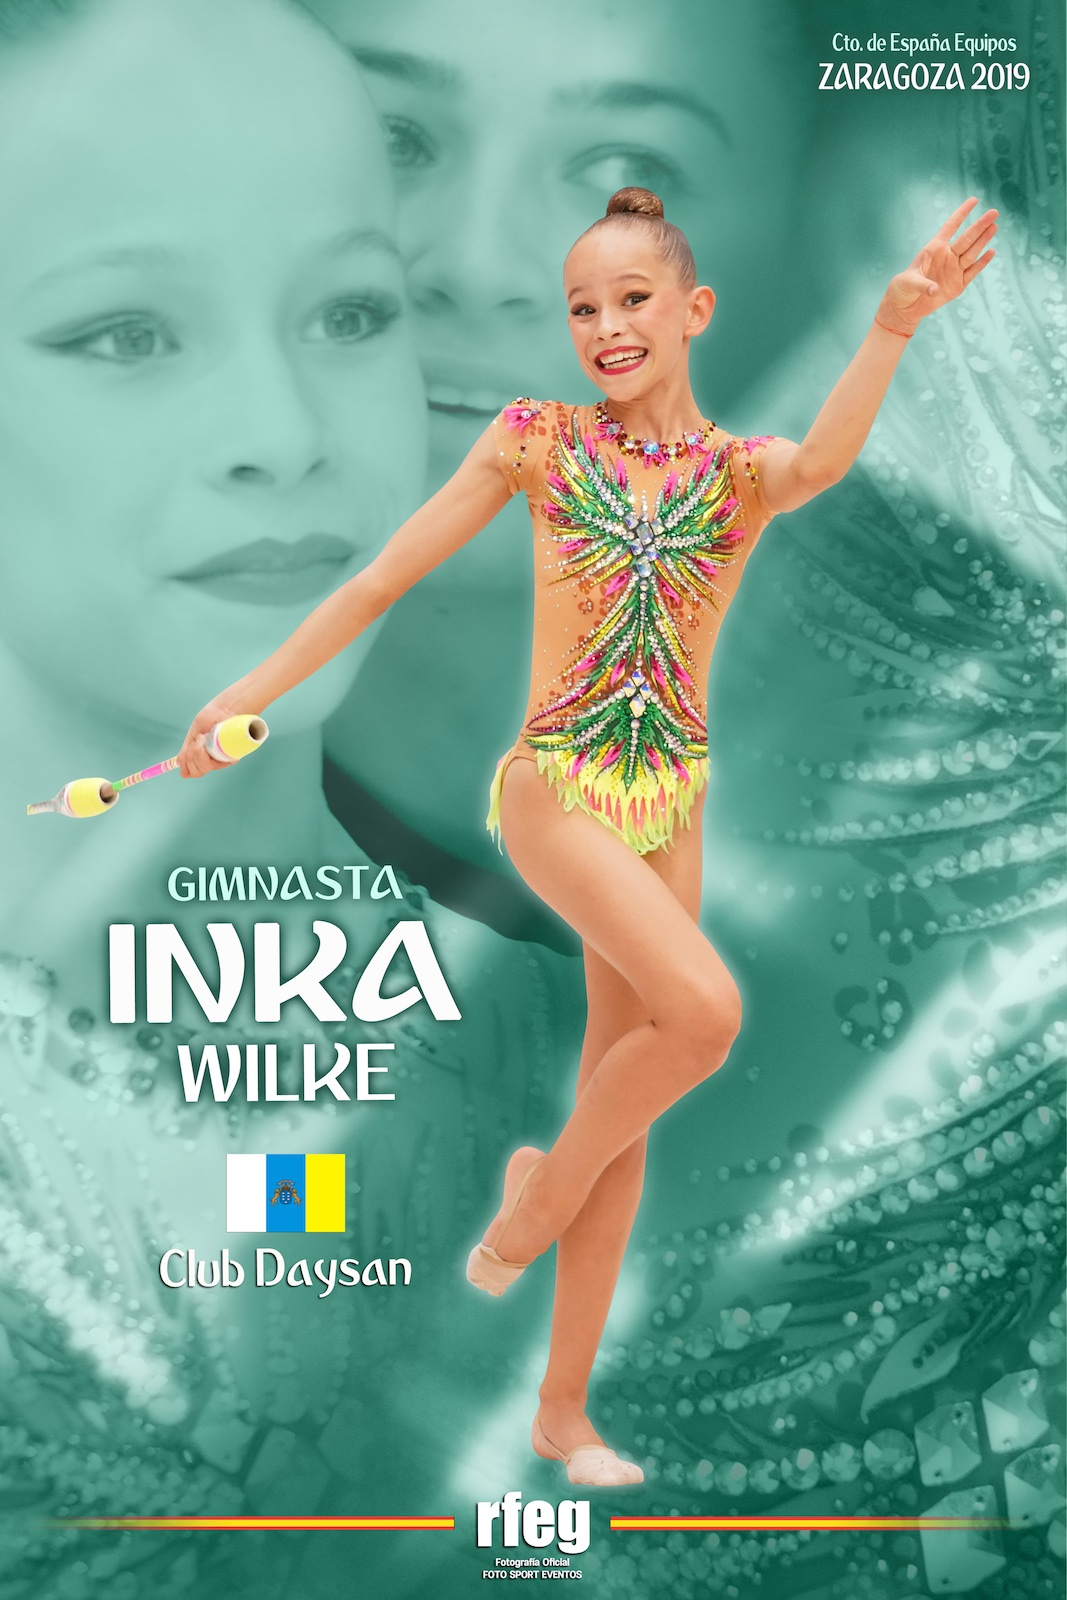 INKA WILKE